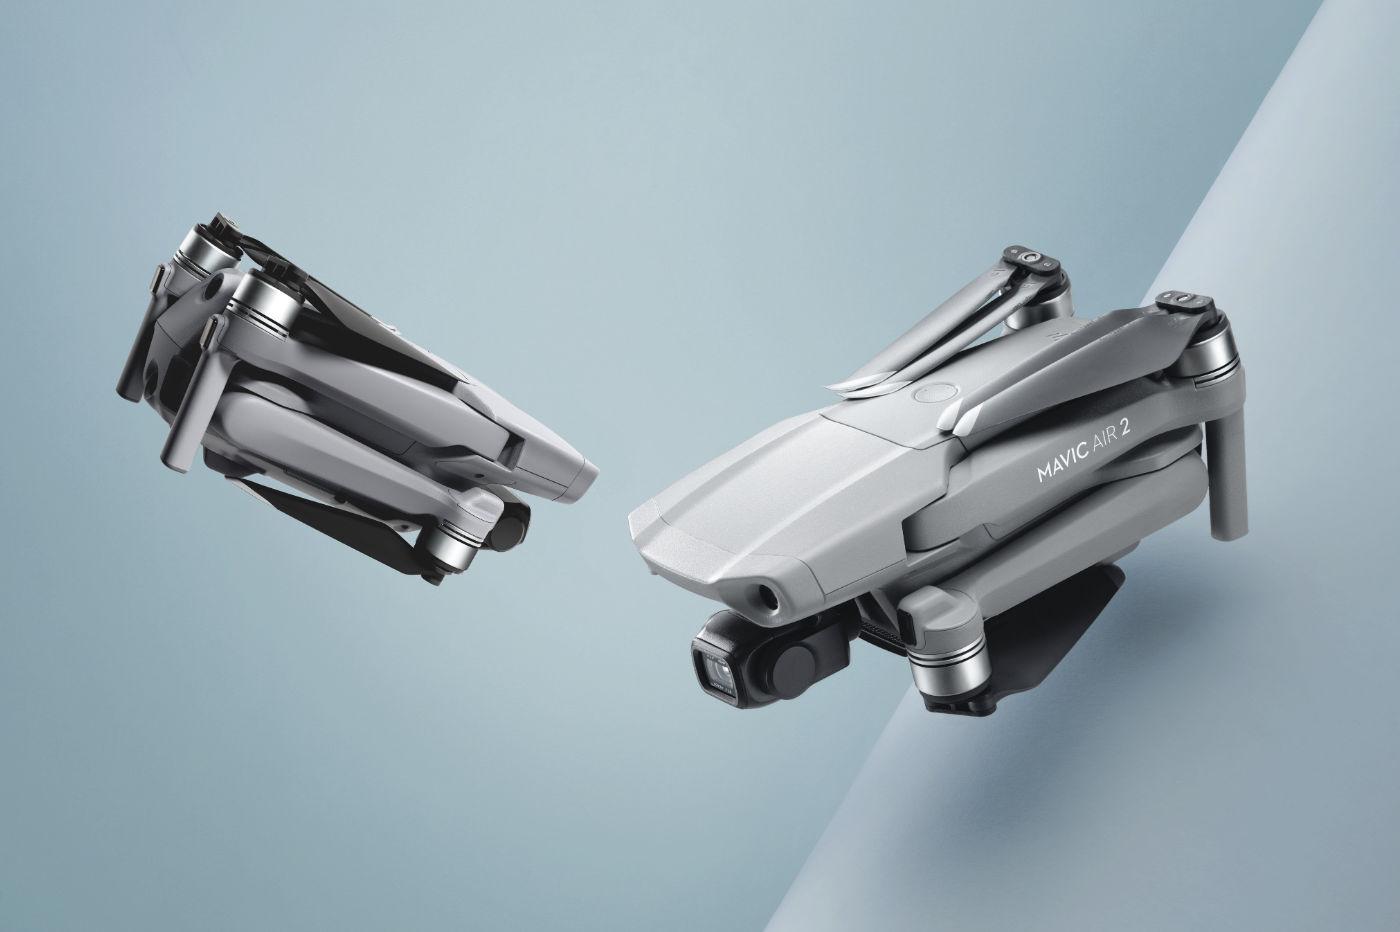 DJI Mavic Air 2 Drone Yorumlar: Drone Ateş etmek için ideal mi? 2